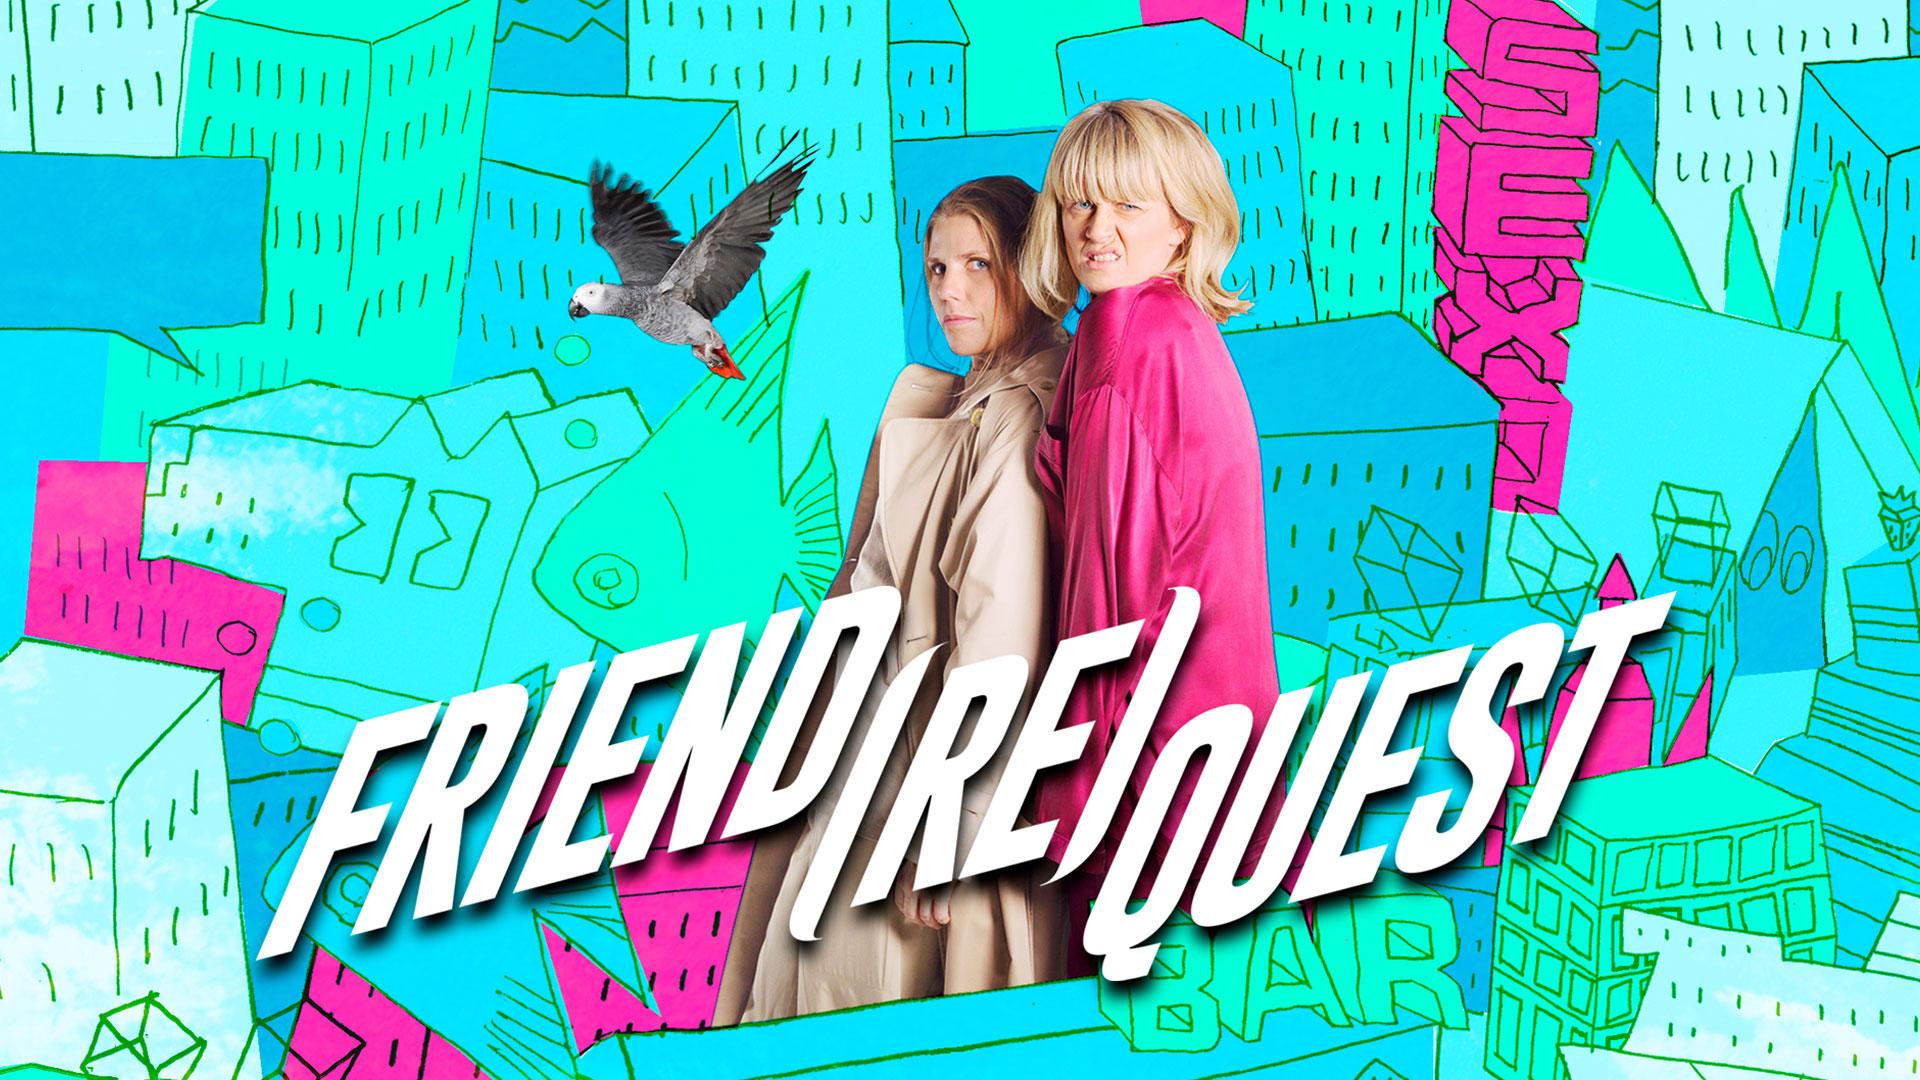 Friend(re)quest